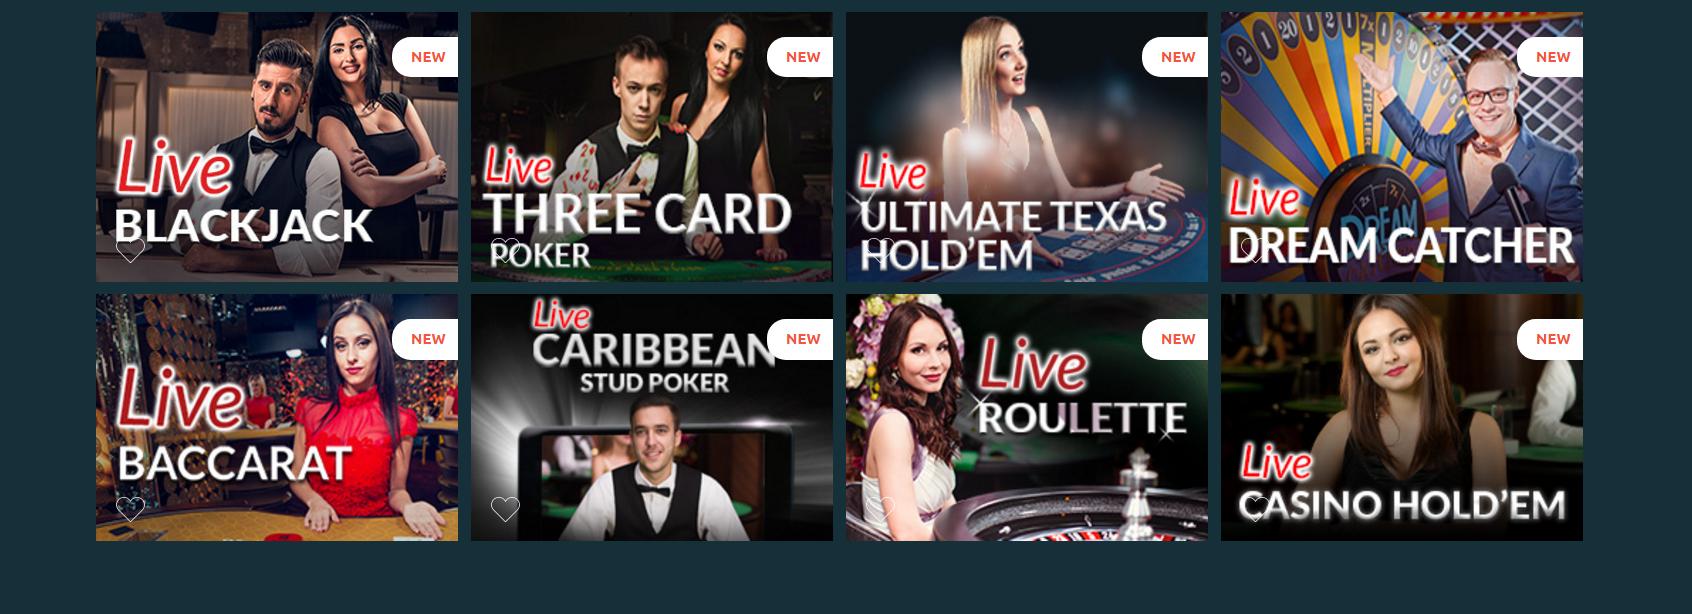 Фильмы про карты и казино онлайн баг для самп рп казино